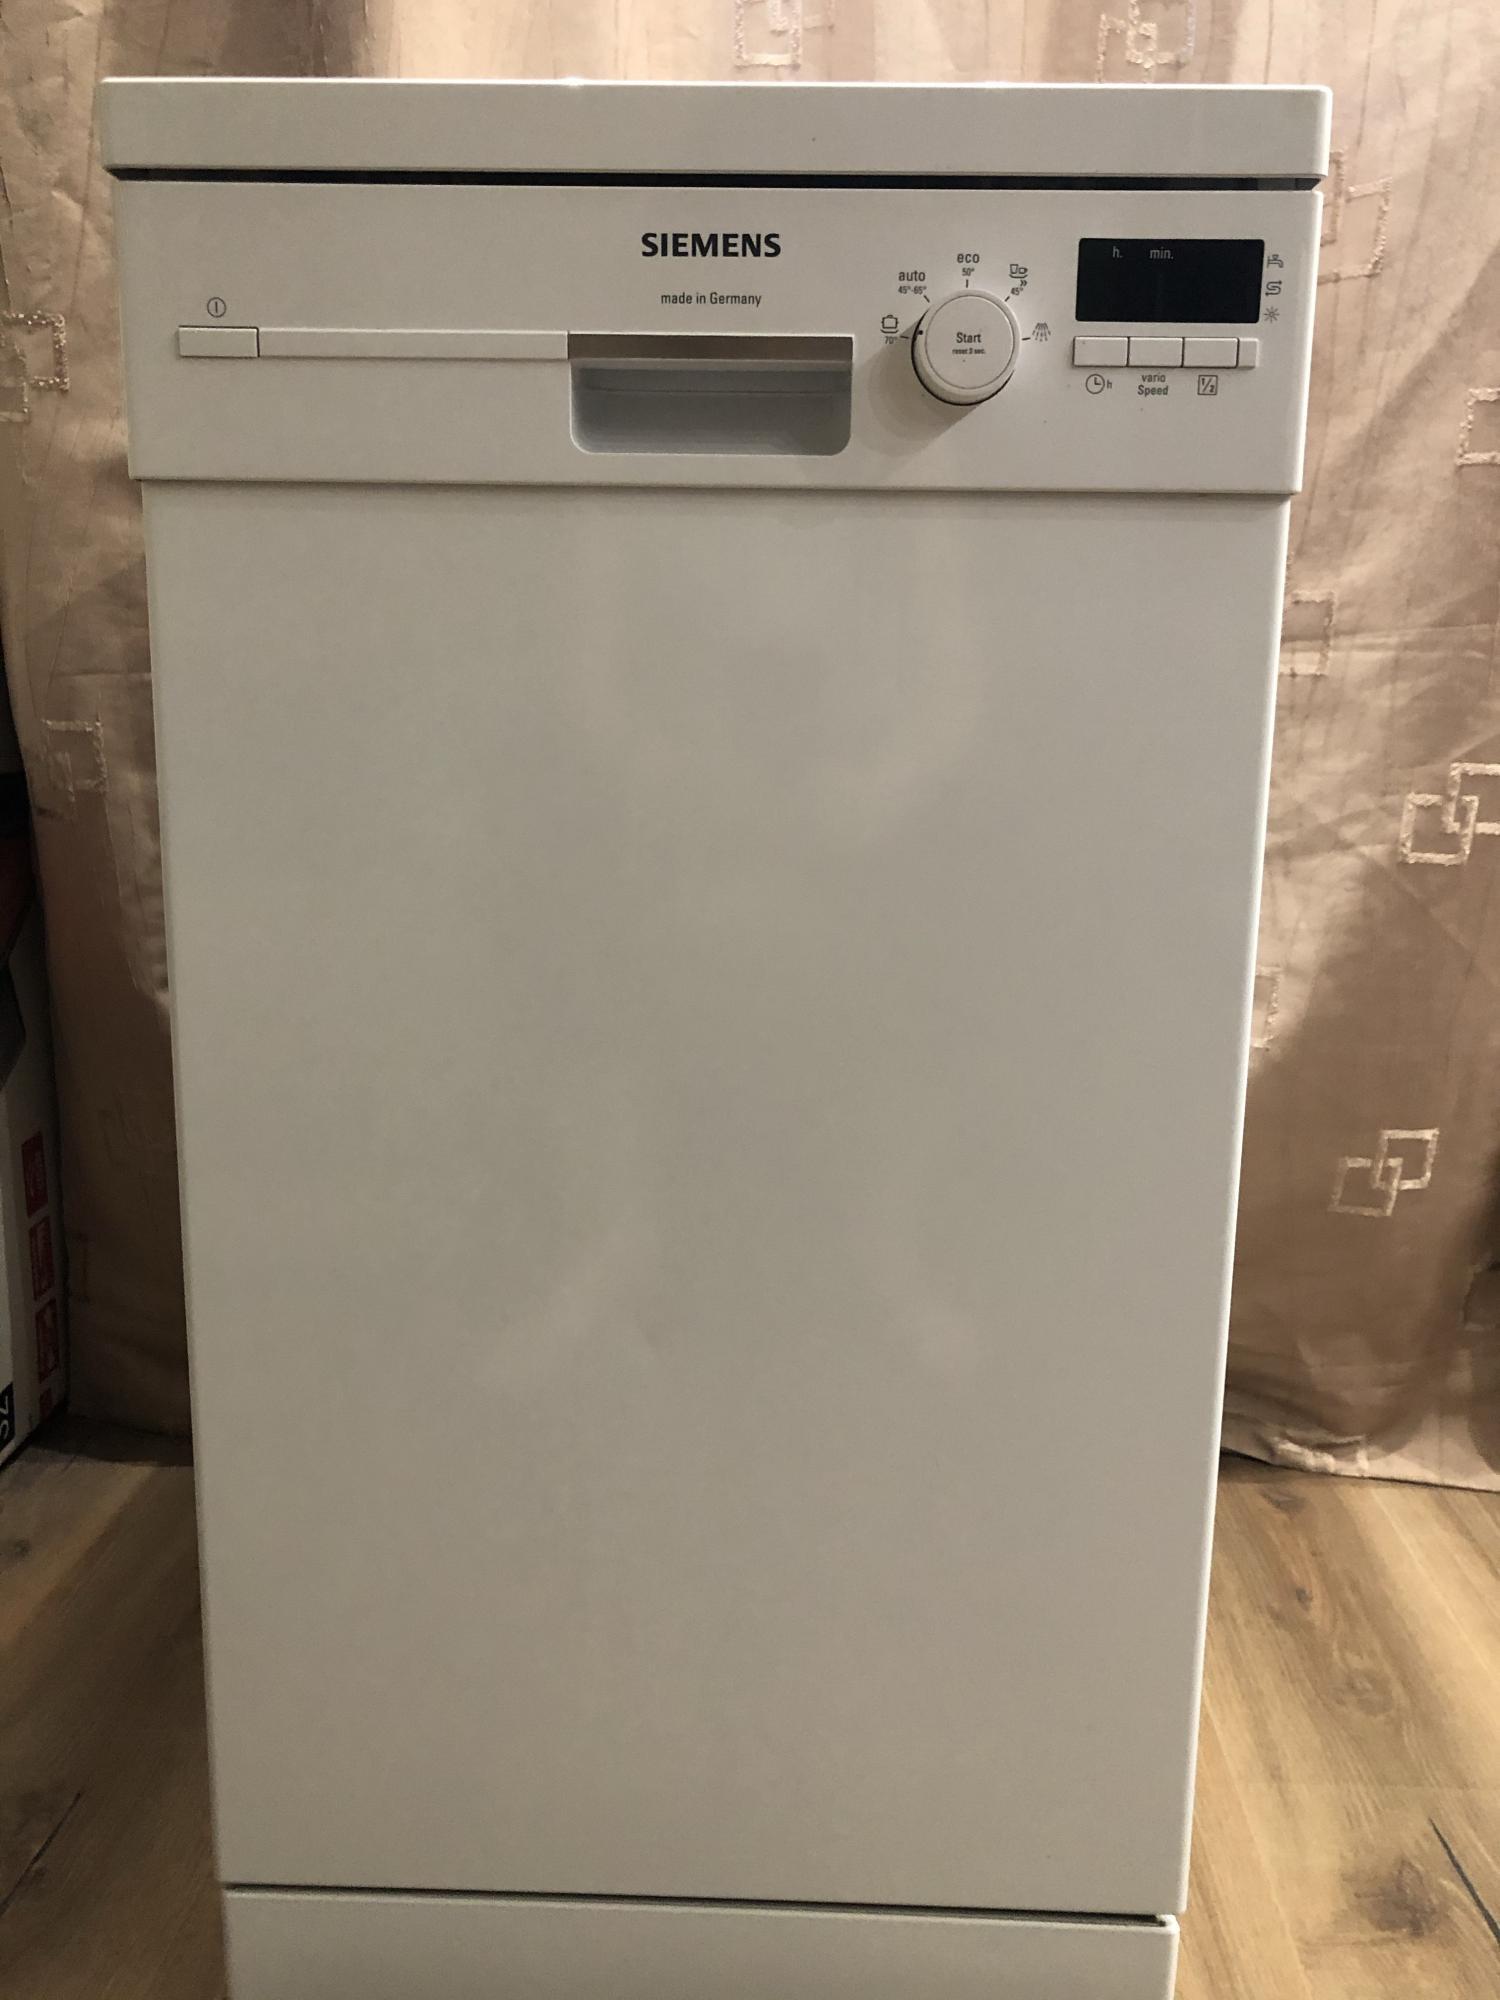 Посудомоечная машина Siemens в Москве 89859558775 купить 1